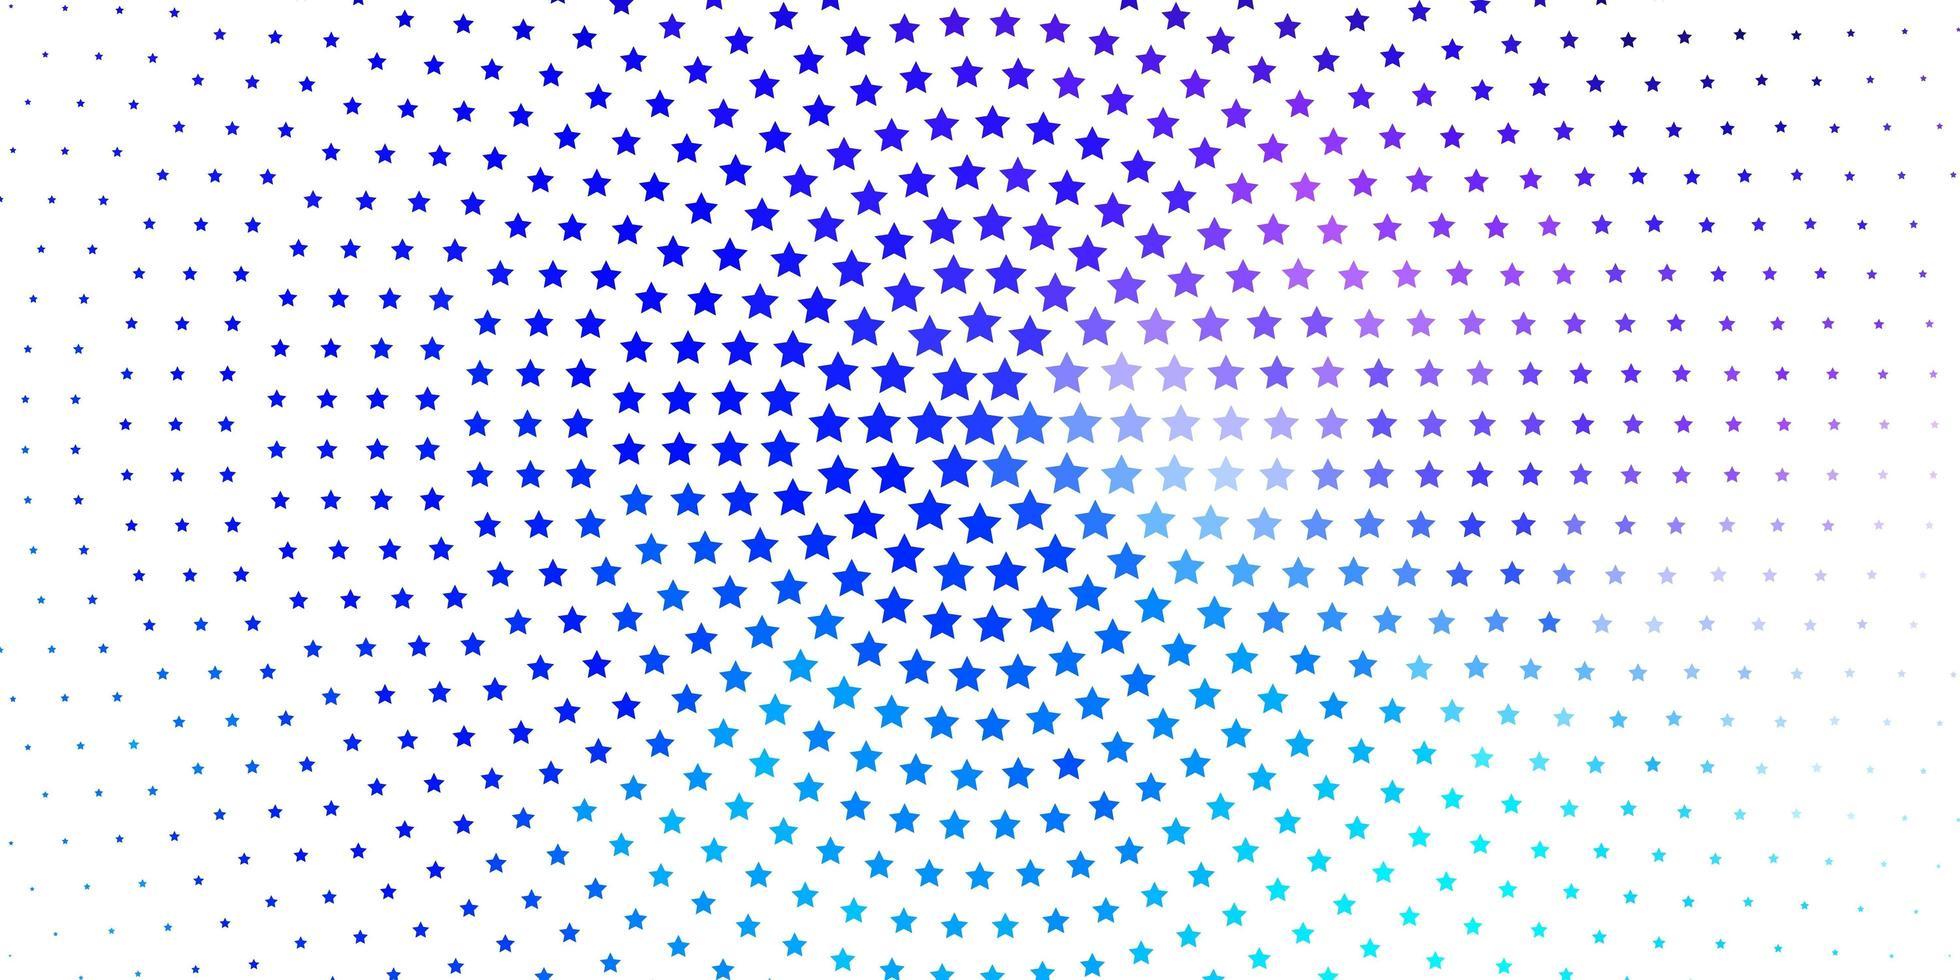 hellrosa, blauer Vektorhintergrund mit bunten Sternen. vektor